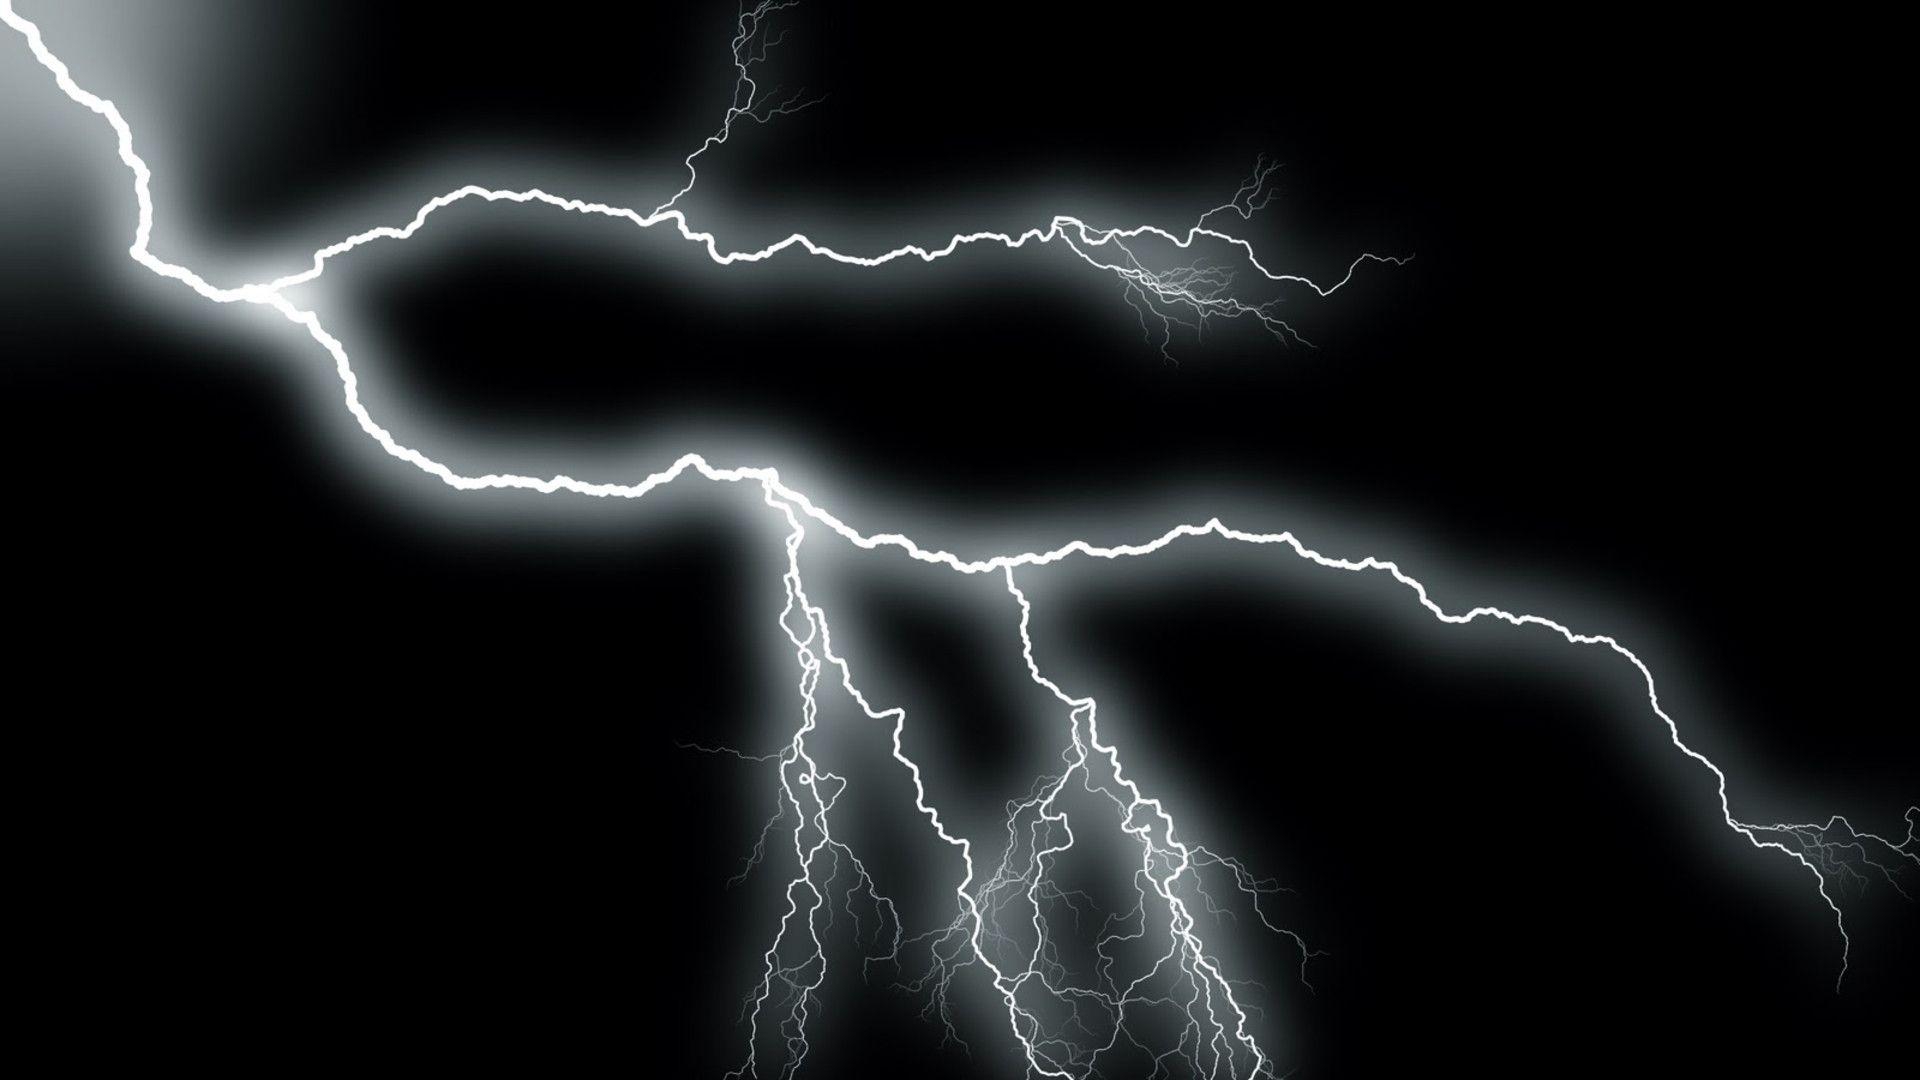 Lightning Bolt PC Wallpaper